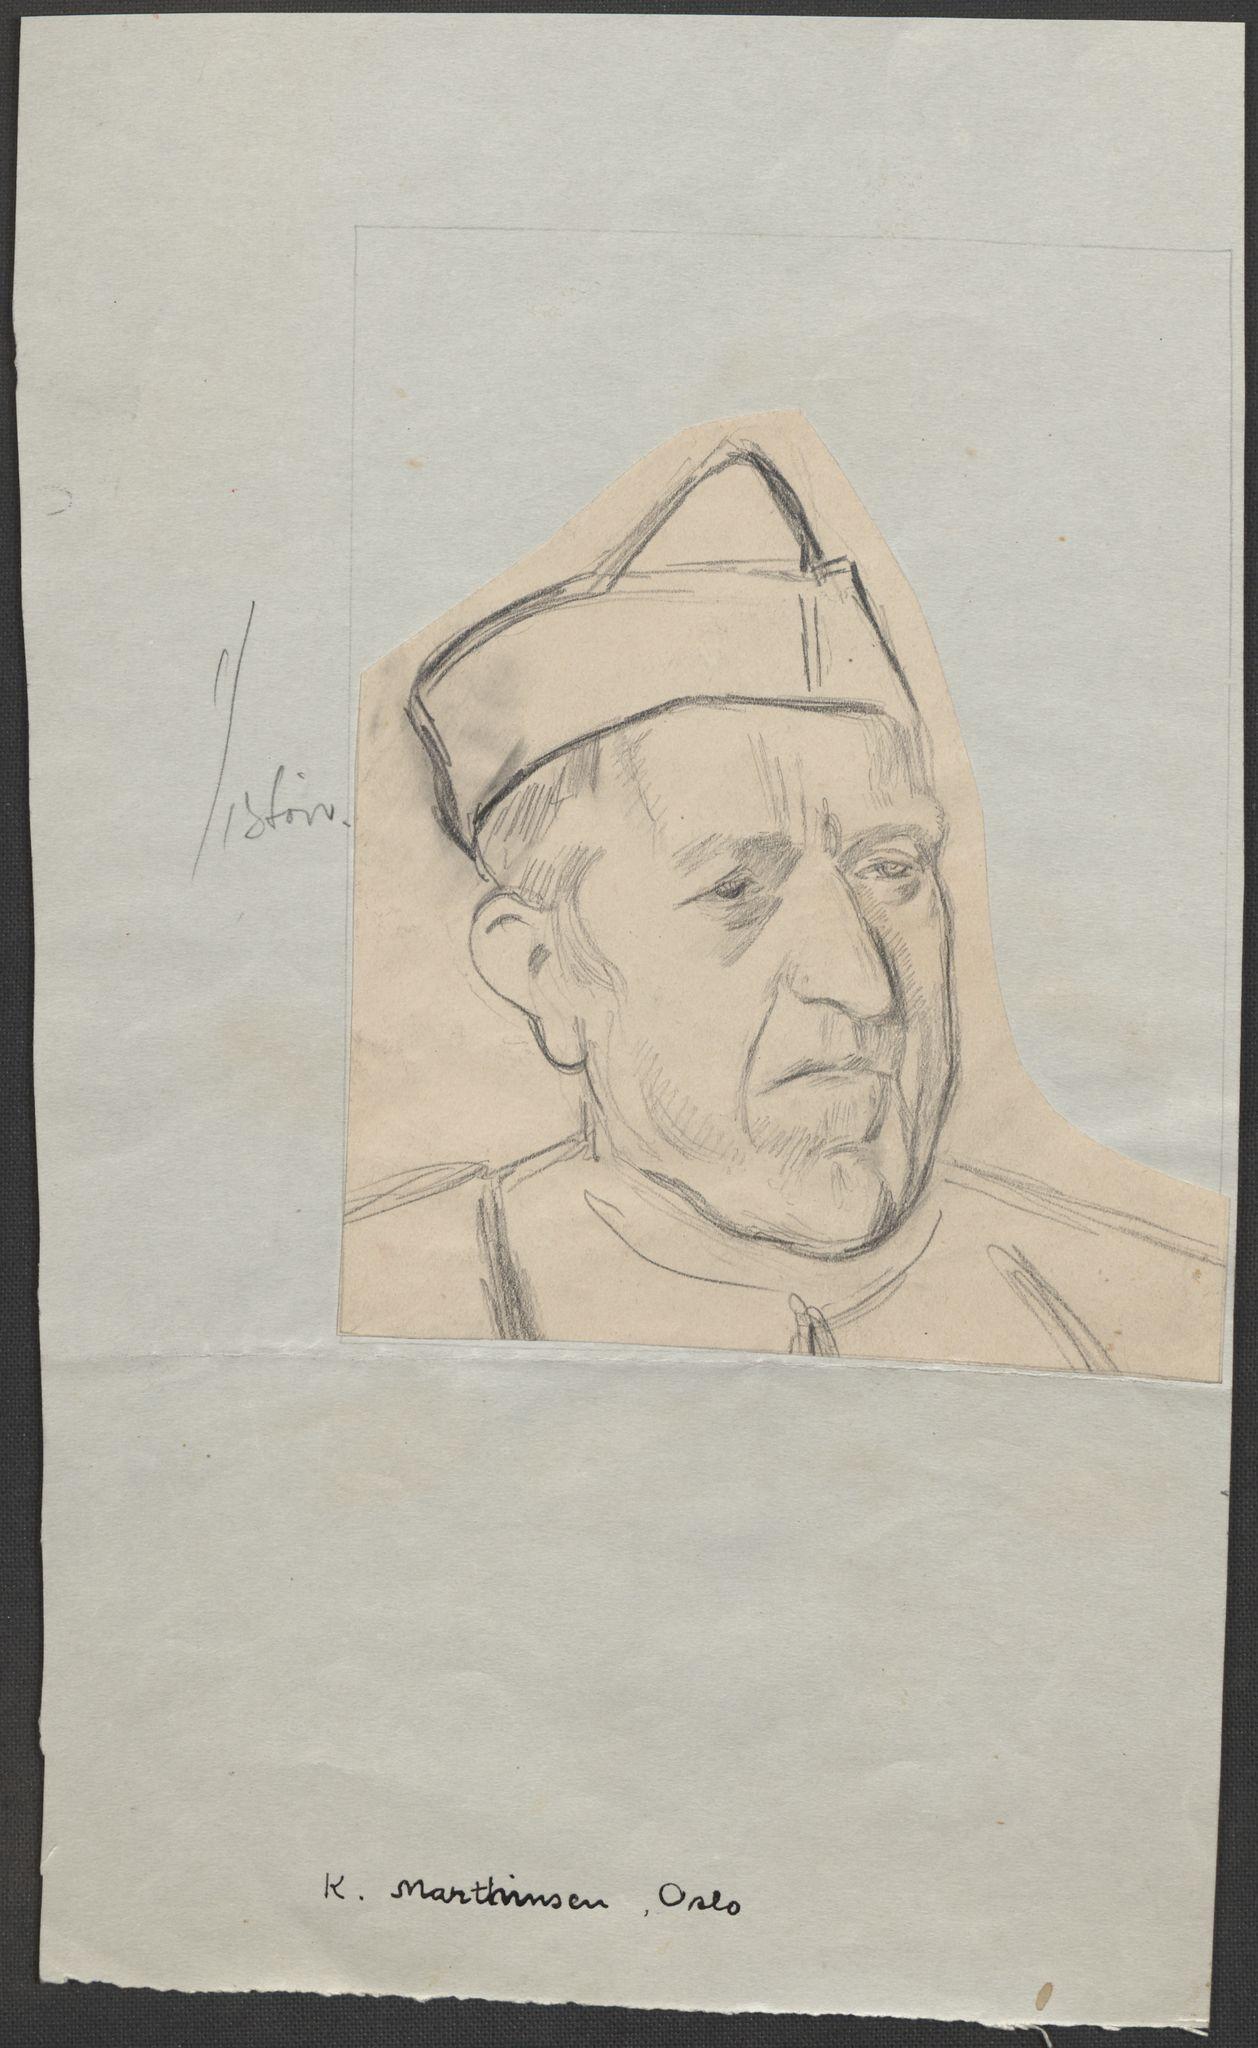 RA, Grøgaard, Joachim, F/L0002: Tegninger og tekster, 1942-1945, p. 96